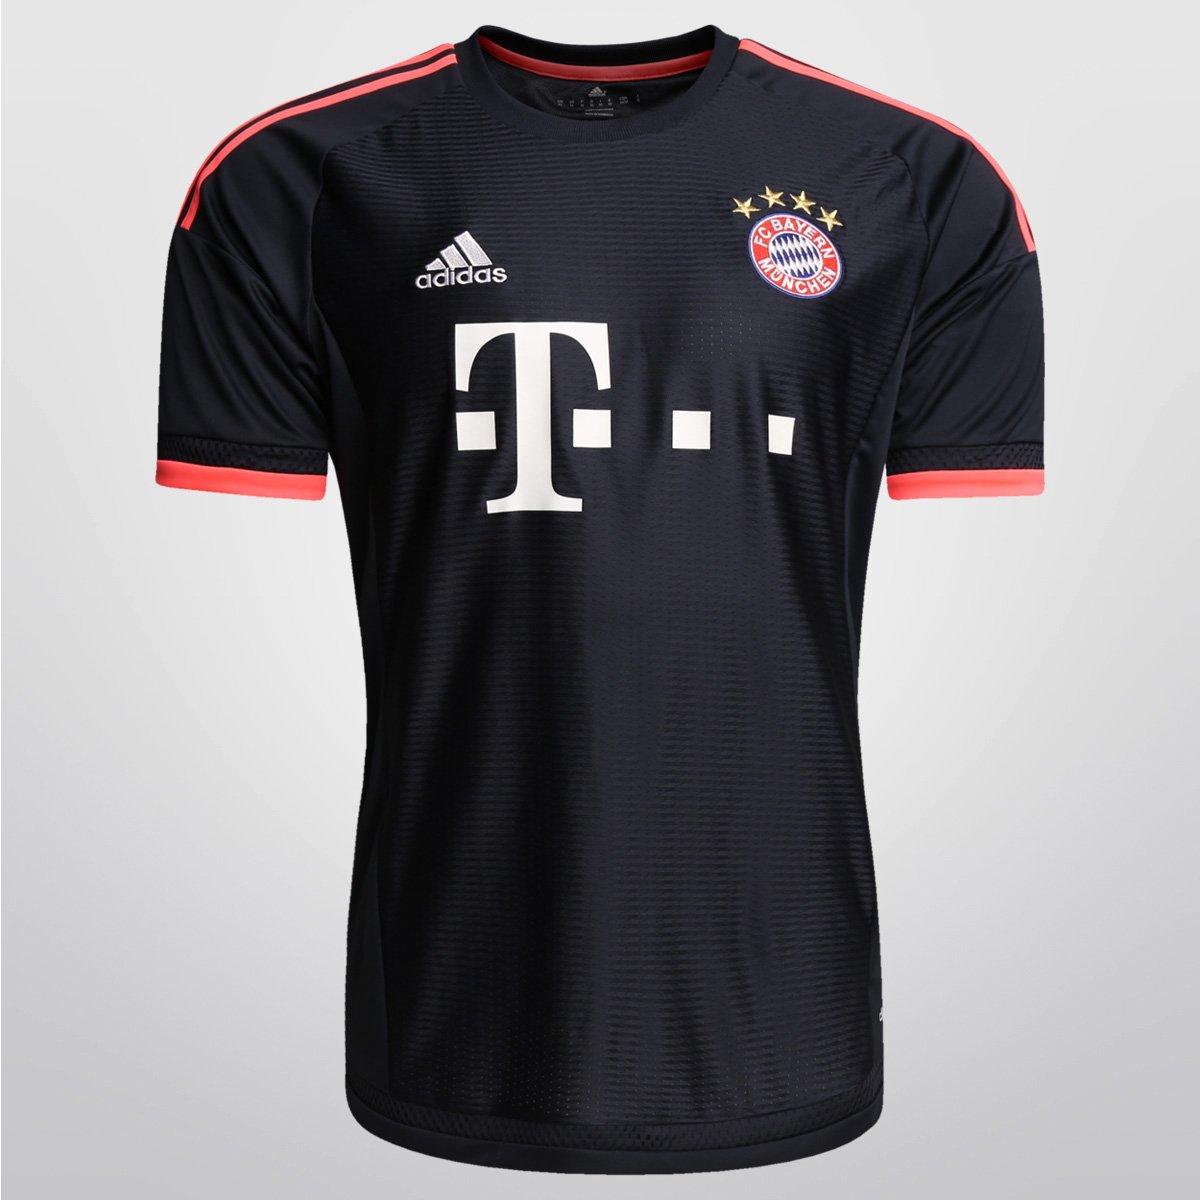 2193483248 Camisa Adidas Bayern de Munique Third 15 16 s nº - Compre Agora ...